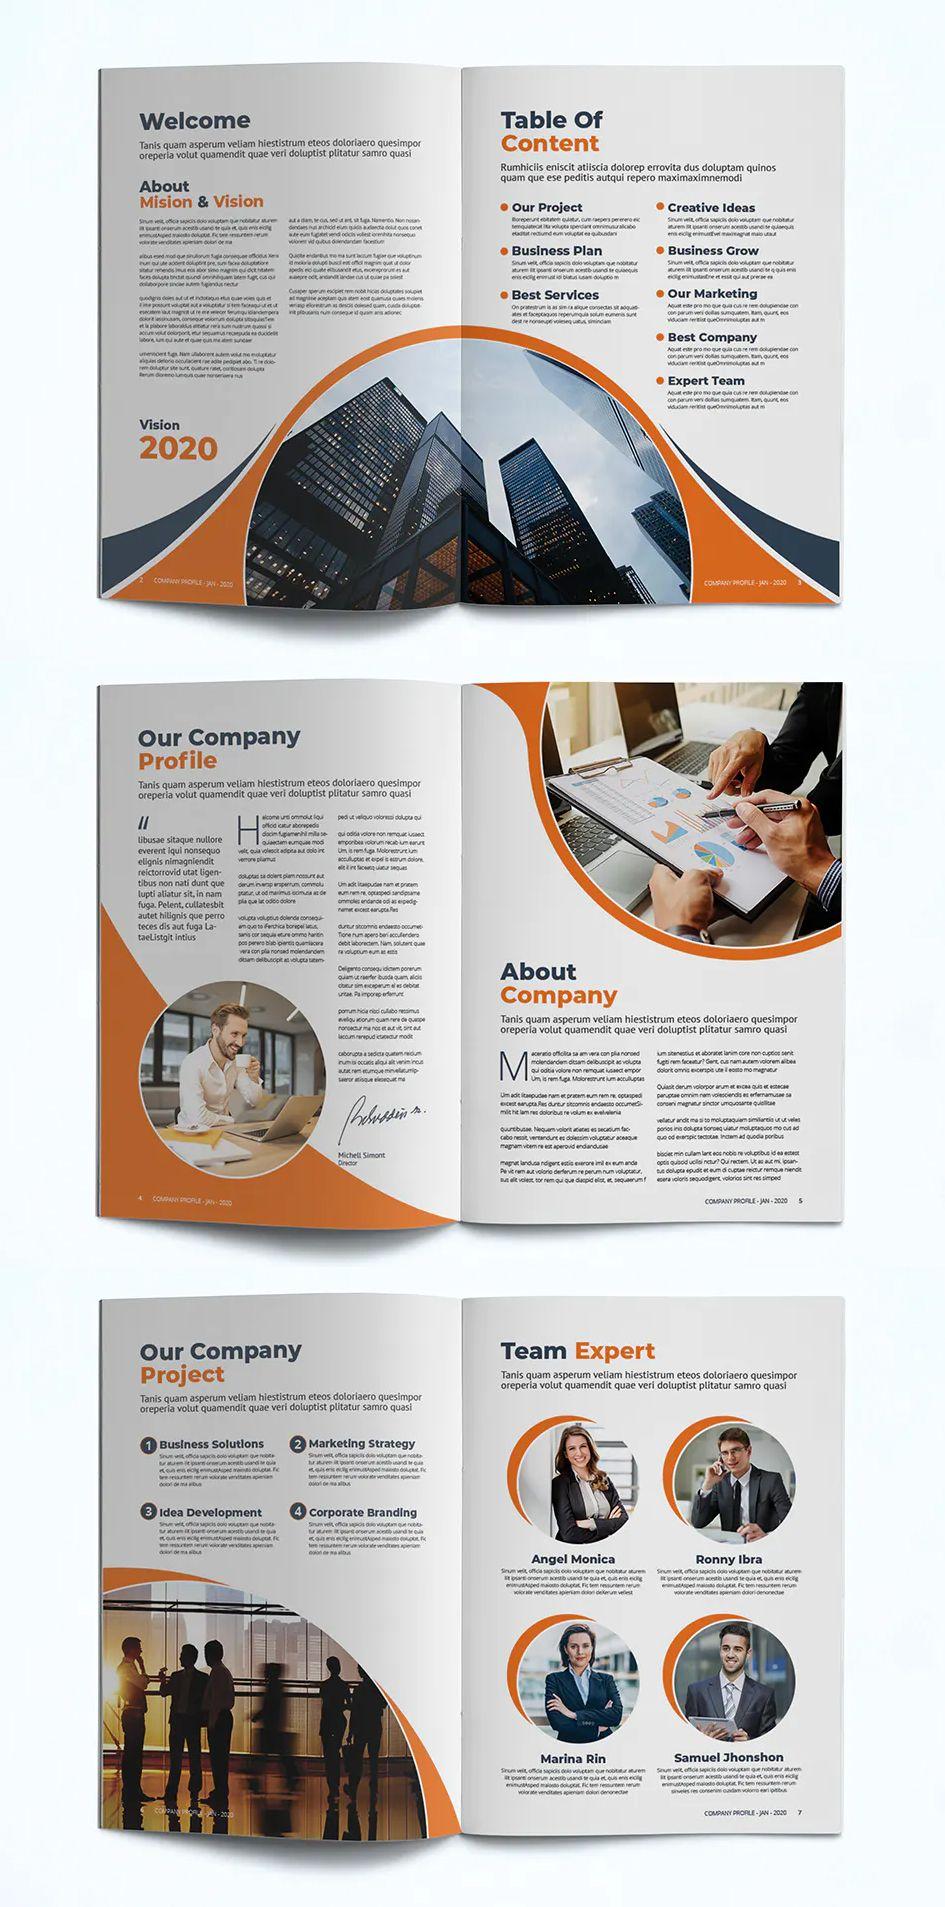 Company Profile Template Indd Pdf Company Profile Design Templates Company Profile Design Company Profile